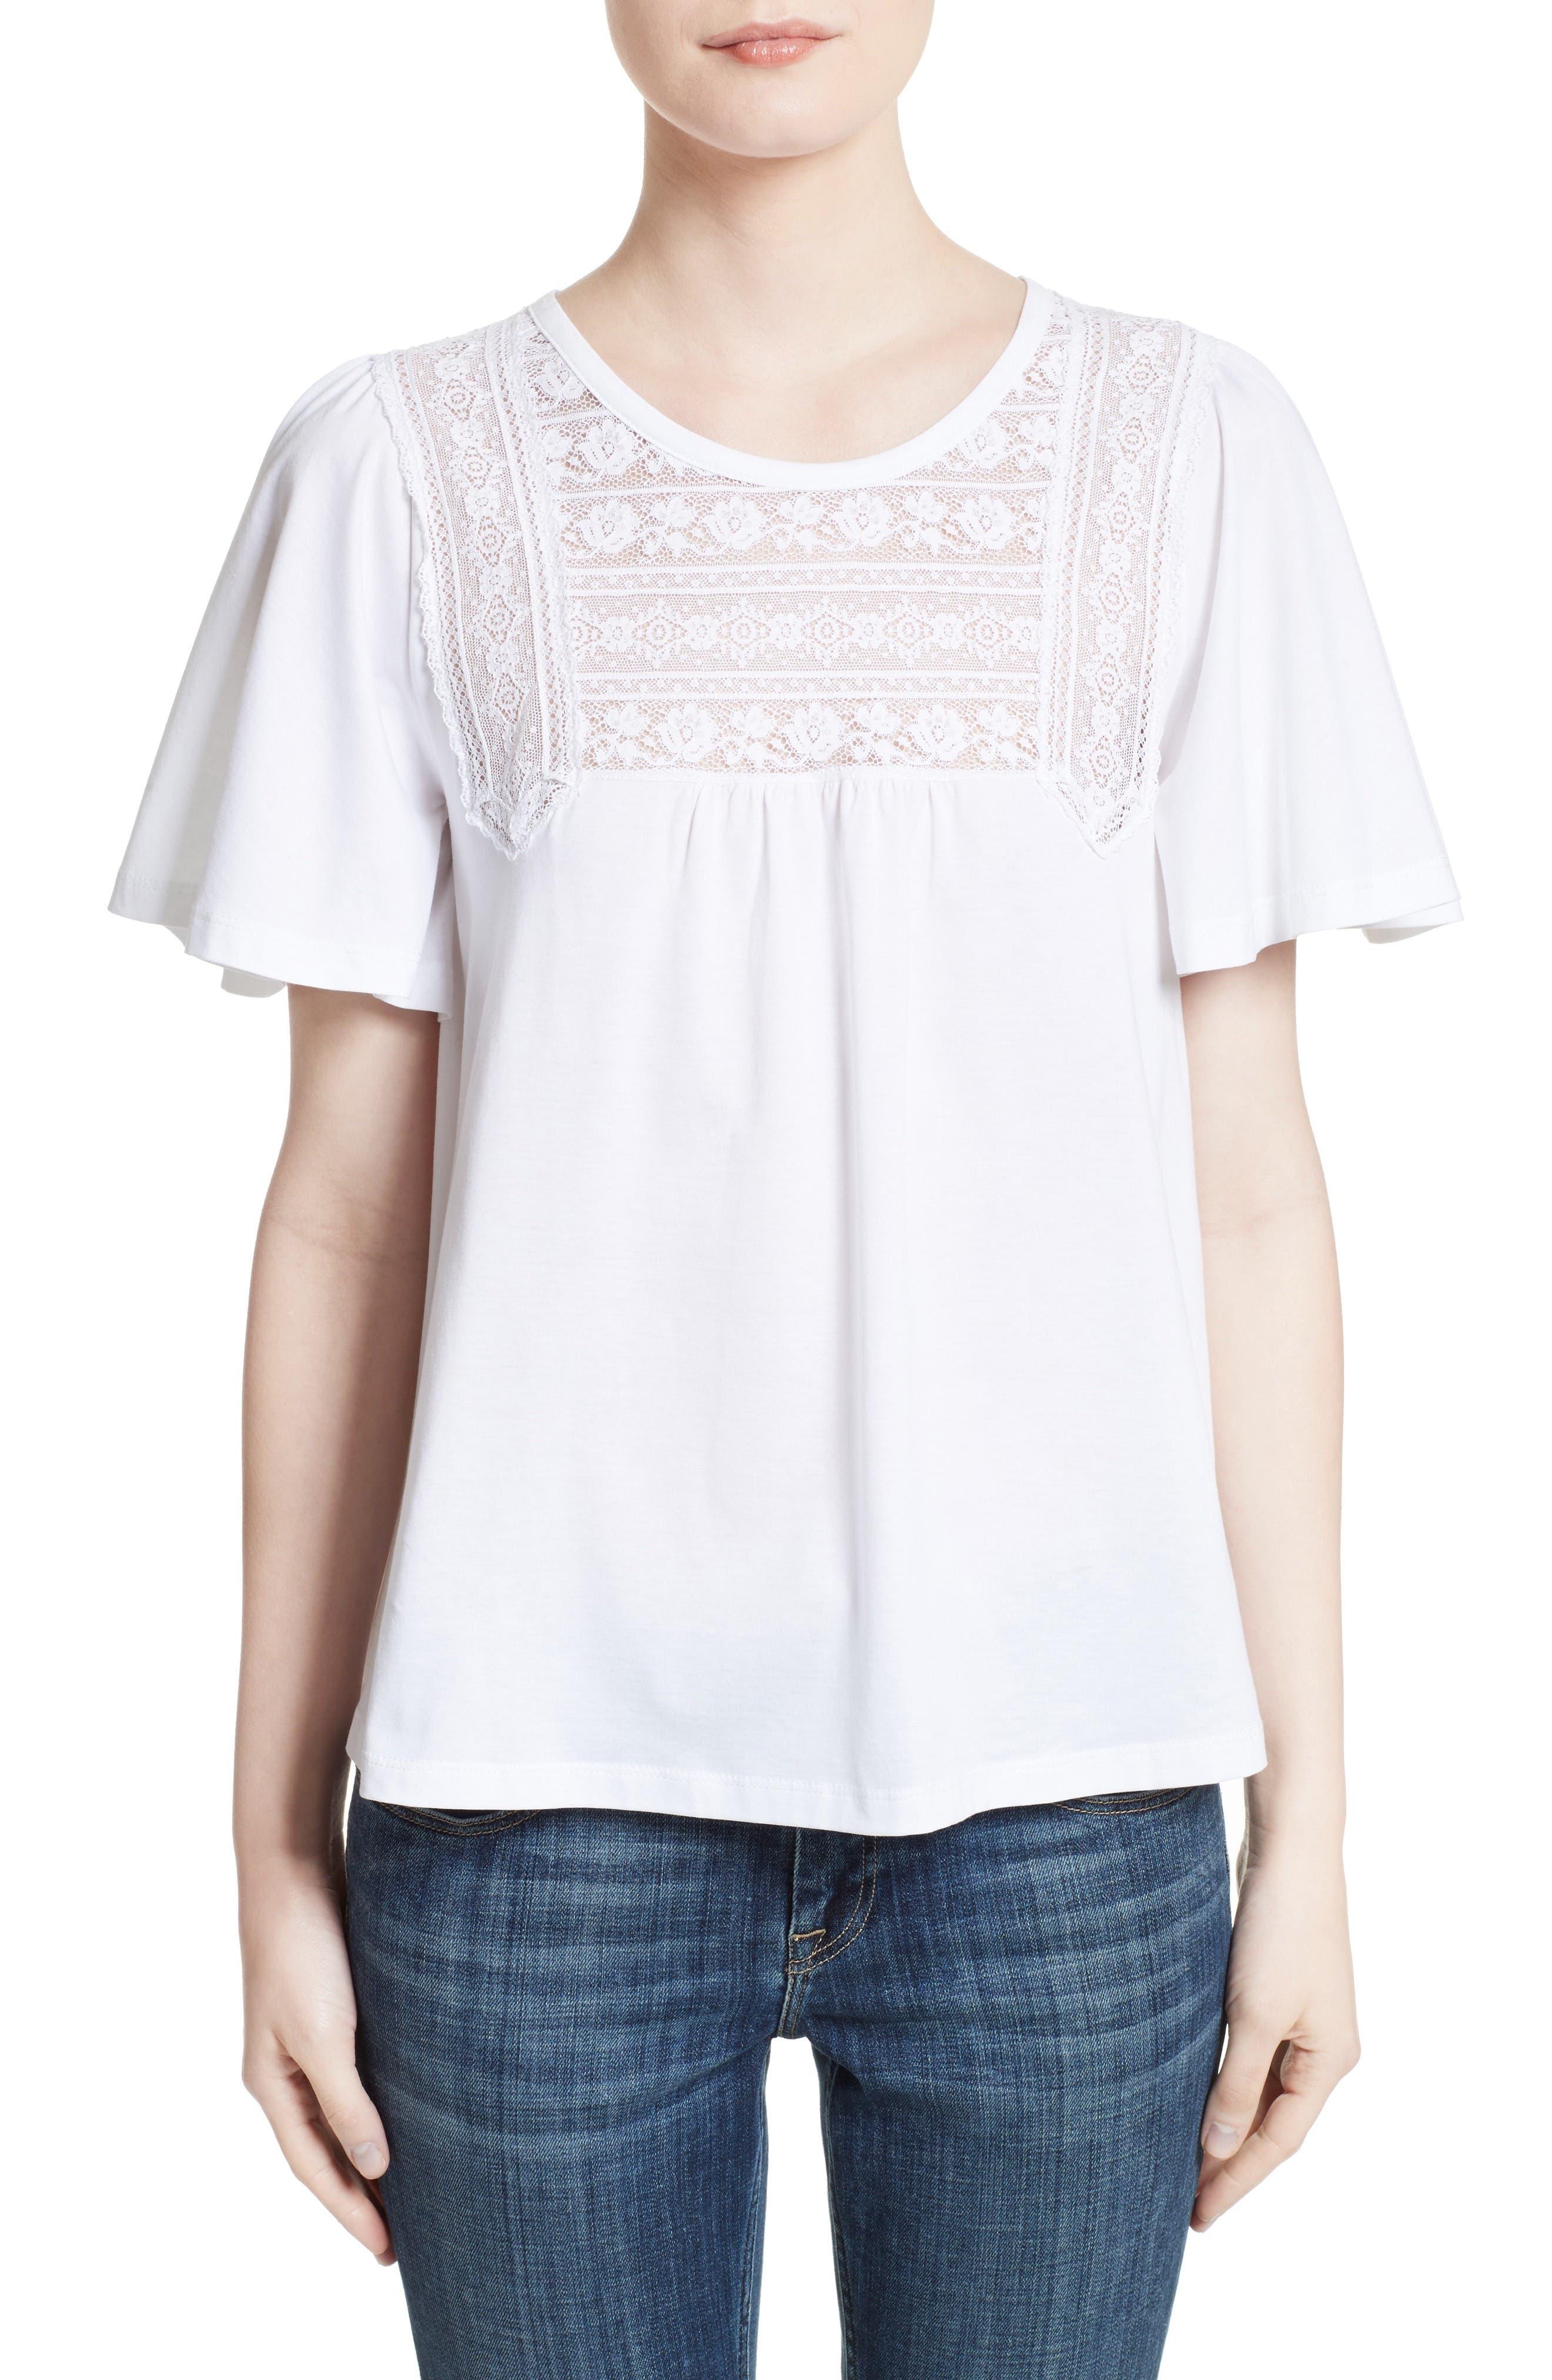 Olo Cotton Top,                         Main,                         color, 100